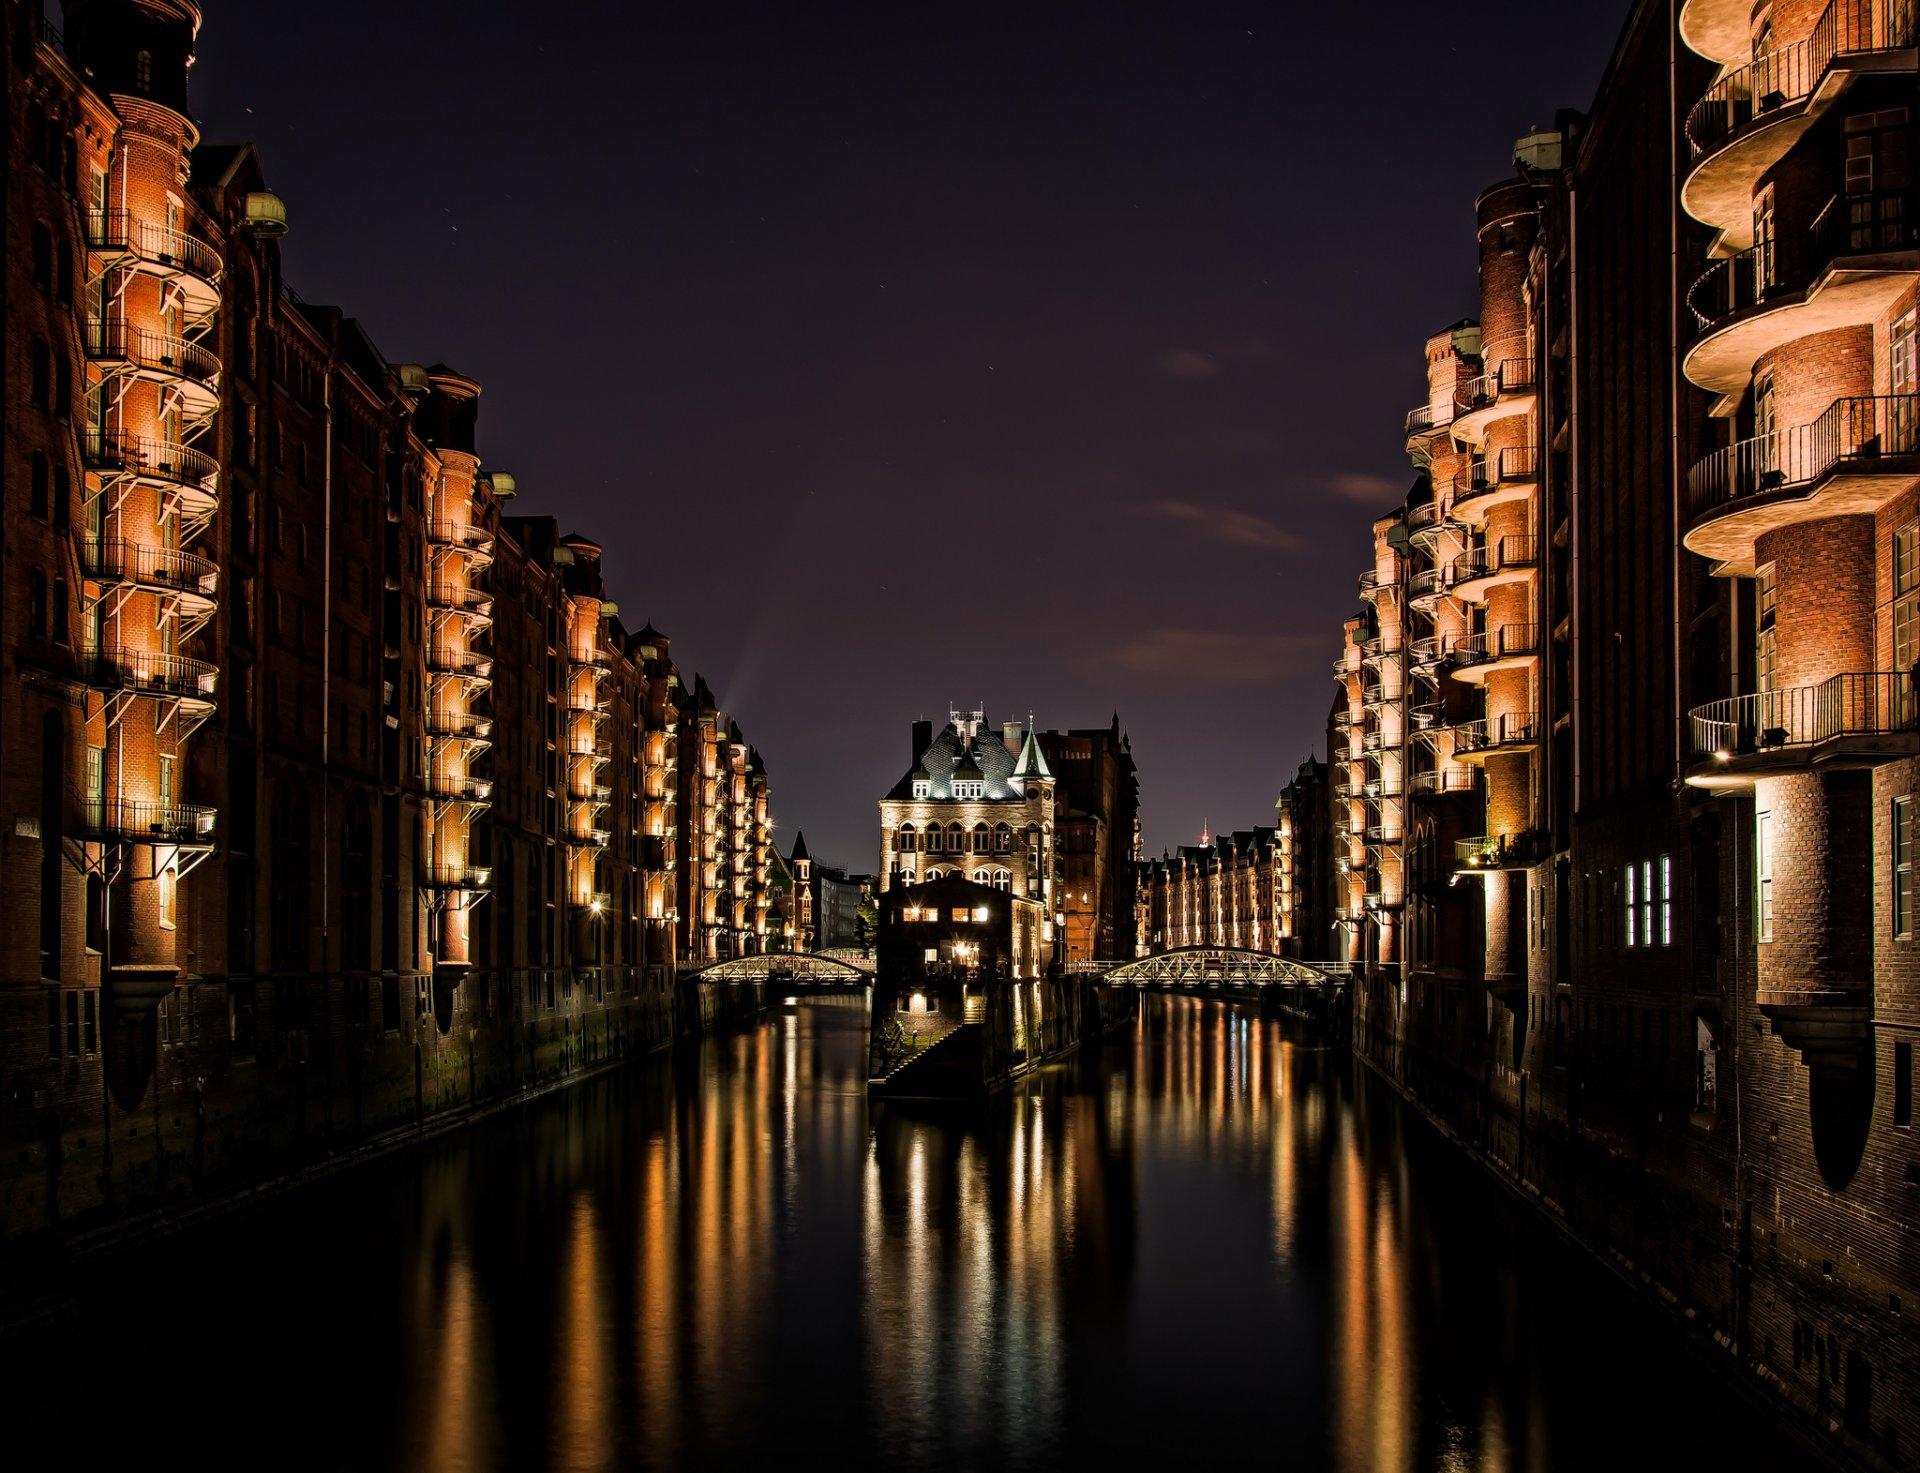 нравится цвет, картинка старинного города в коричневых тонах на обои них тургеневы восстанавливать